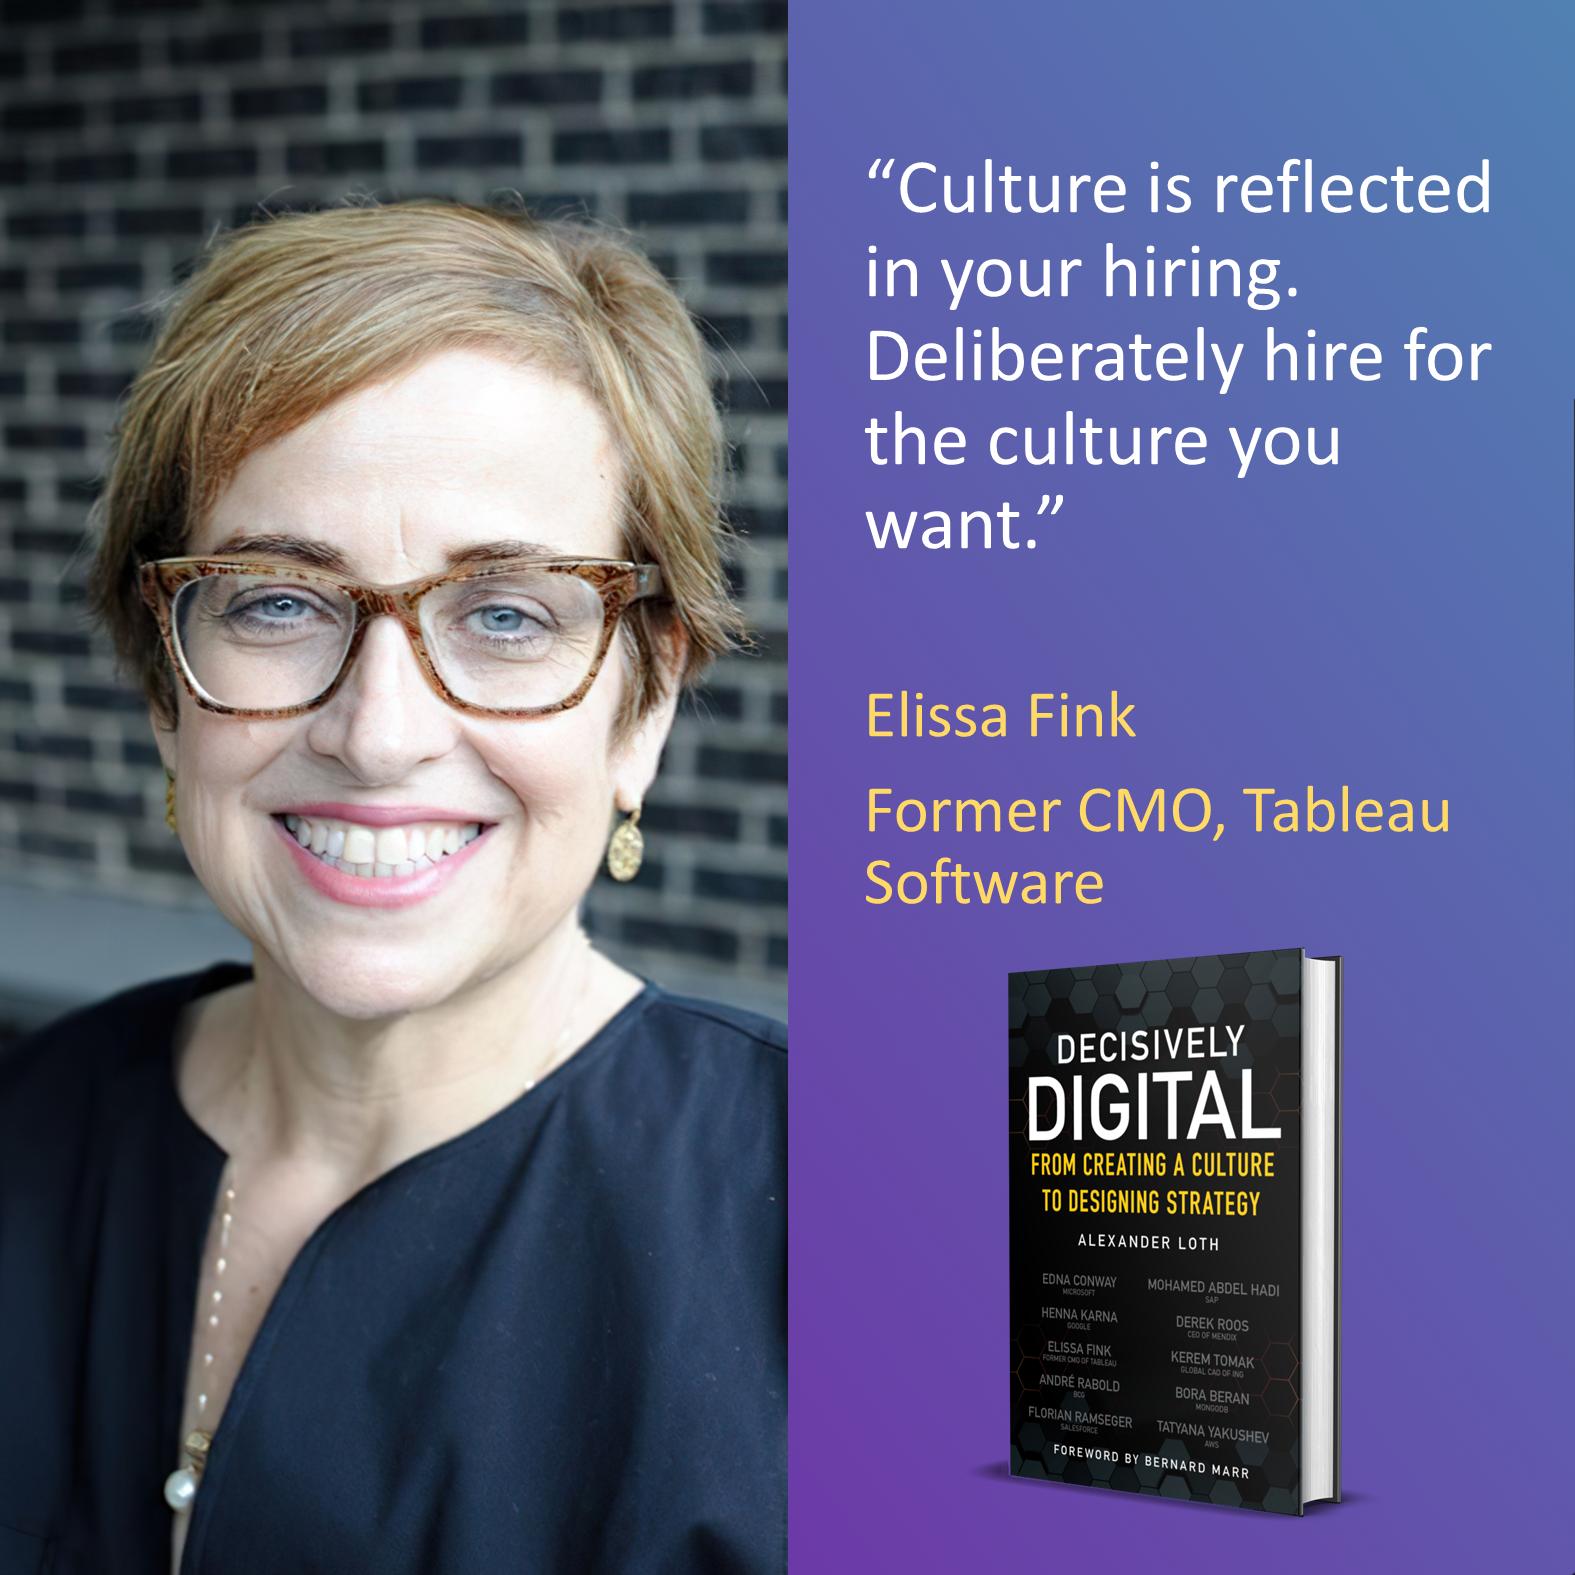 Elissa Fink, Former CMO of Tableau Software